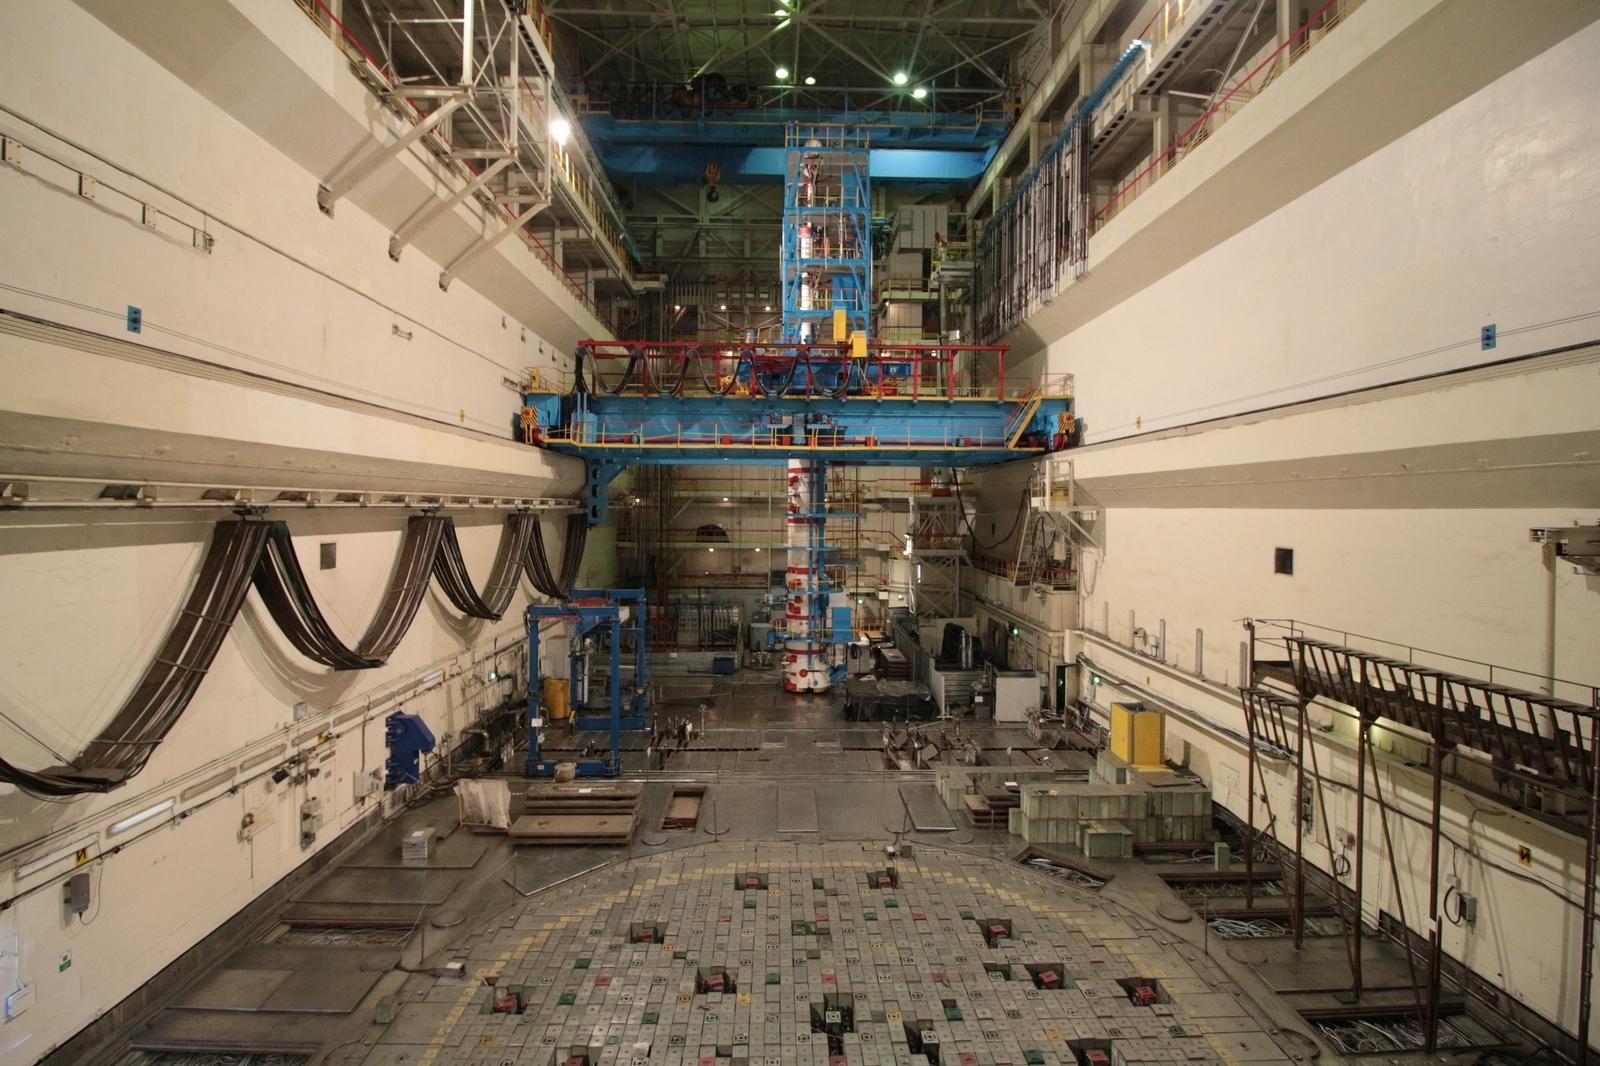 Чернобыльская авария. Пост от работника АЭС.